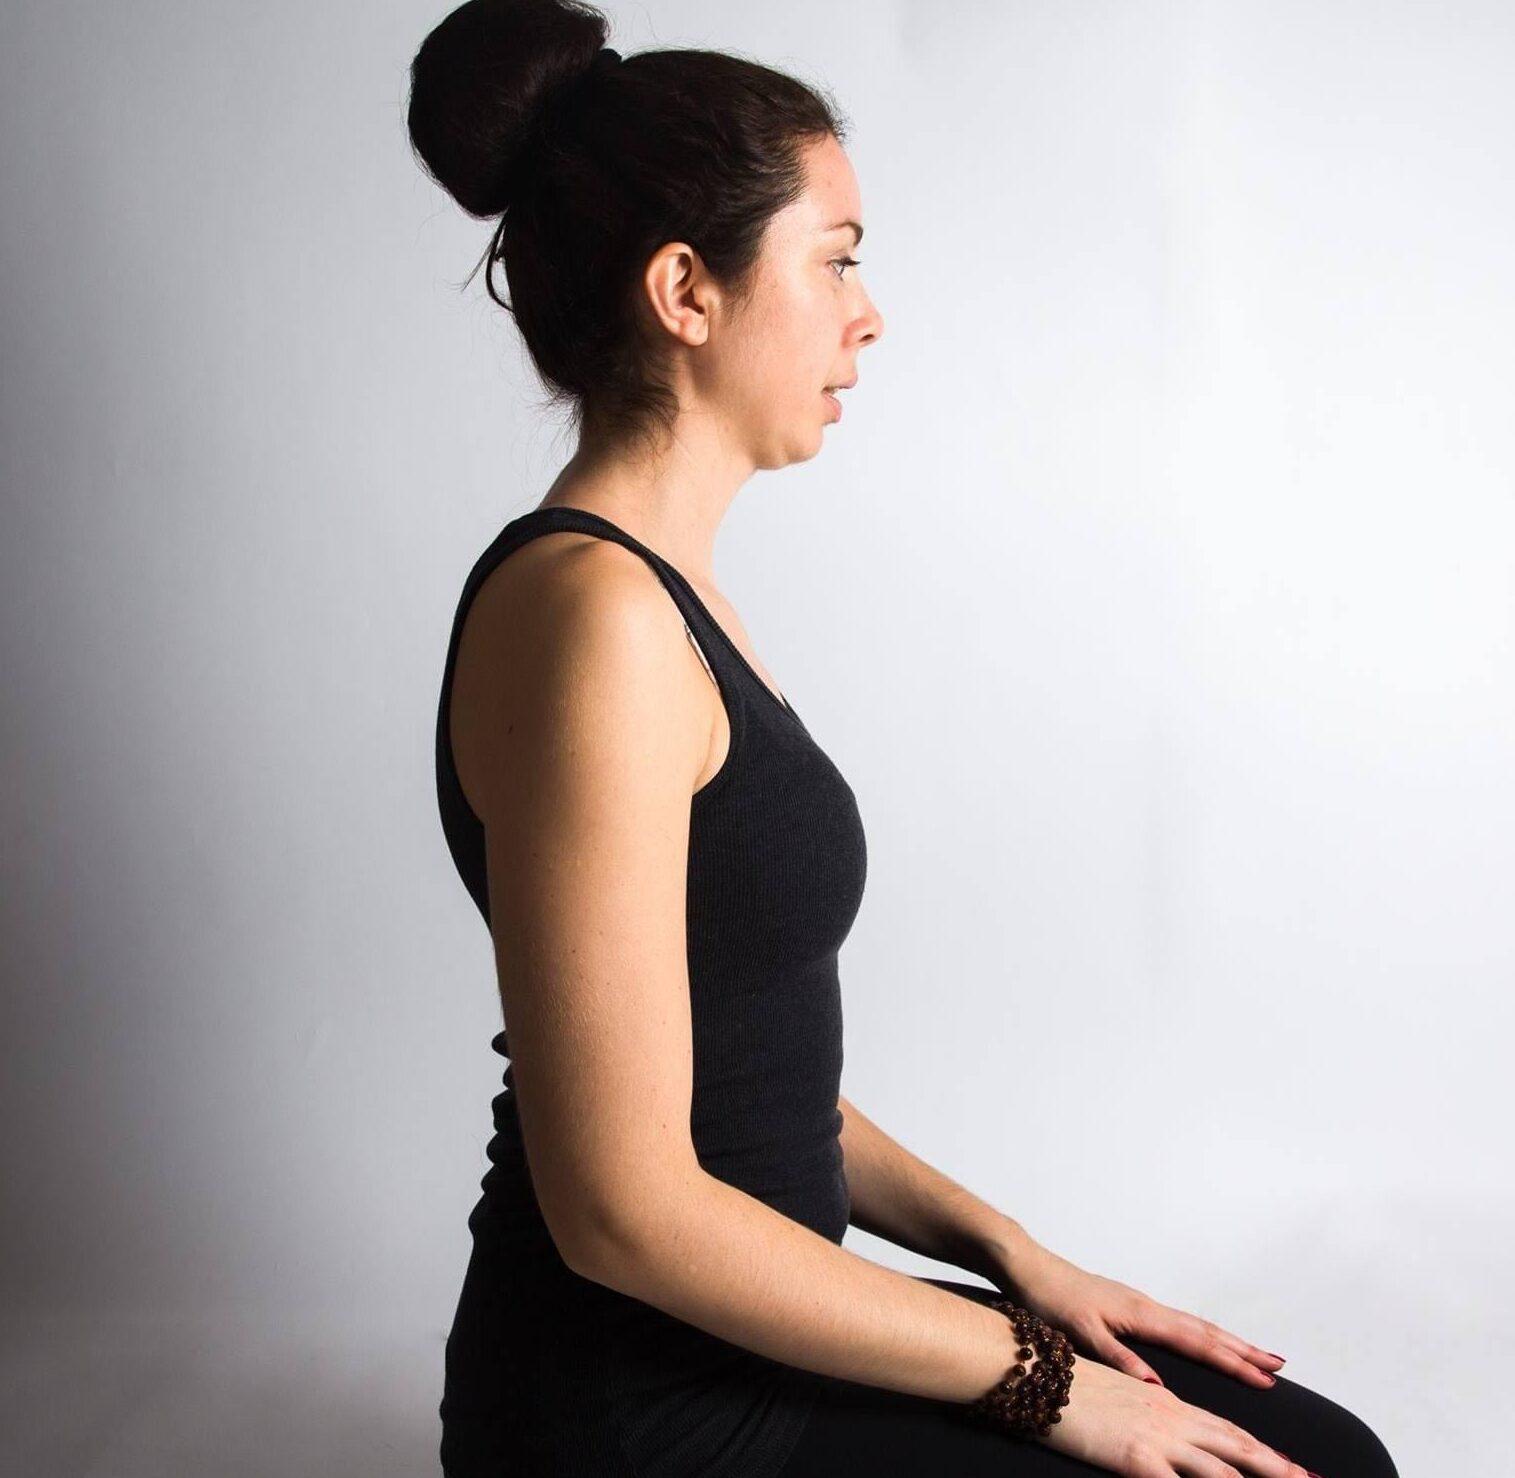 den spirituelle siden ved yoga